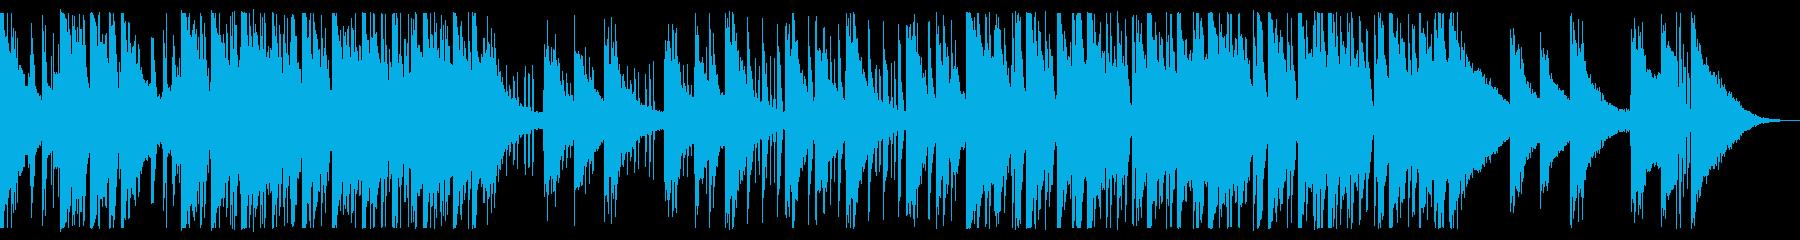 疾走感あるドラムンベース_3の再生済みの波形